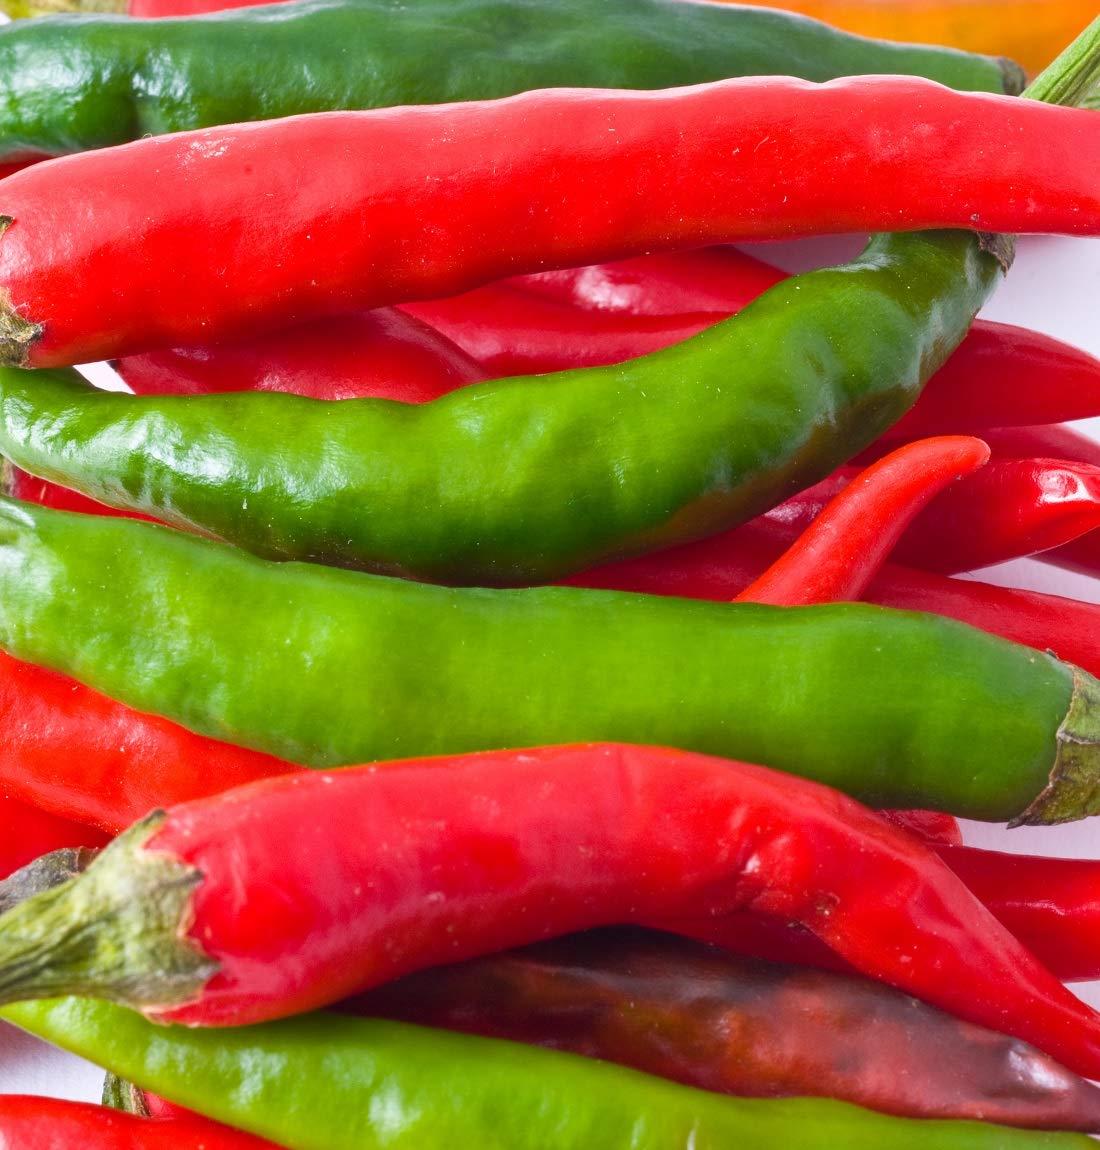 David's Garden Seeds Pepper Hot Korean Long Green SZ9227 (Red) 25 Non-GMO Hybrid Seeds